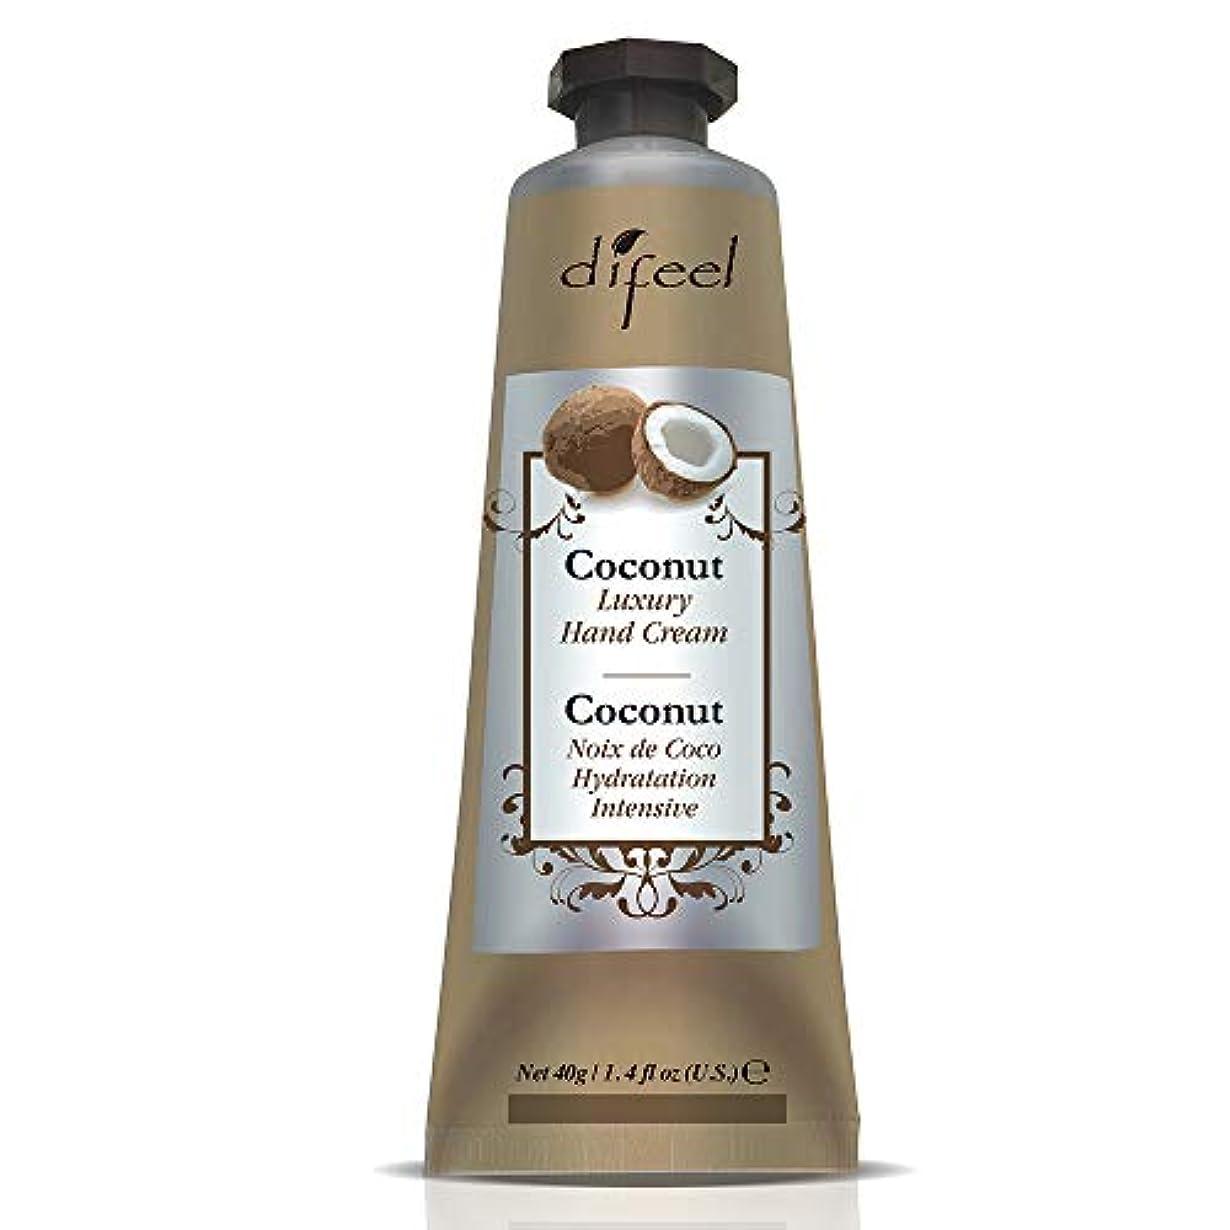 決定する習慣アサートDifeel(ディフィール) ココナッツ ナチュラル ハンドクリーム 40g COCONUT 11COC New York 【正規輸入品】